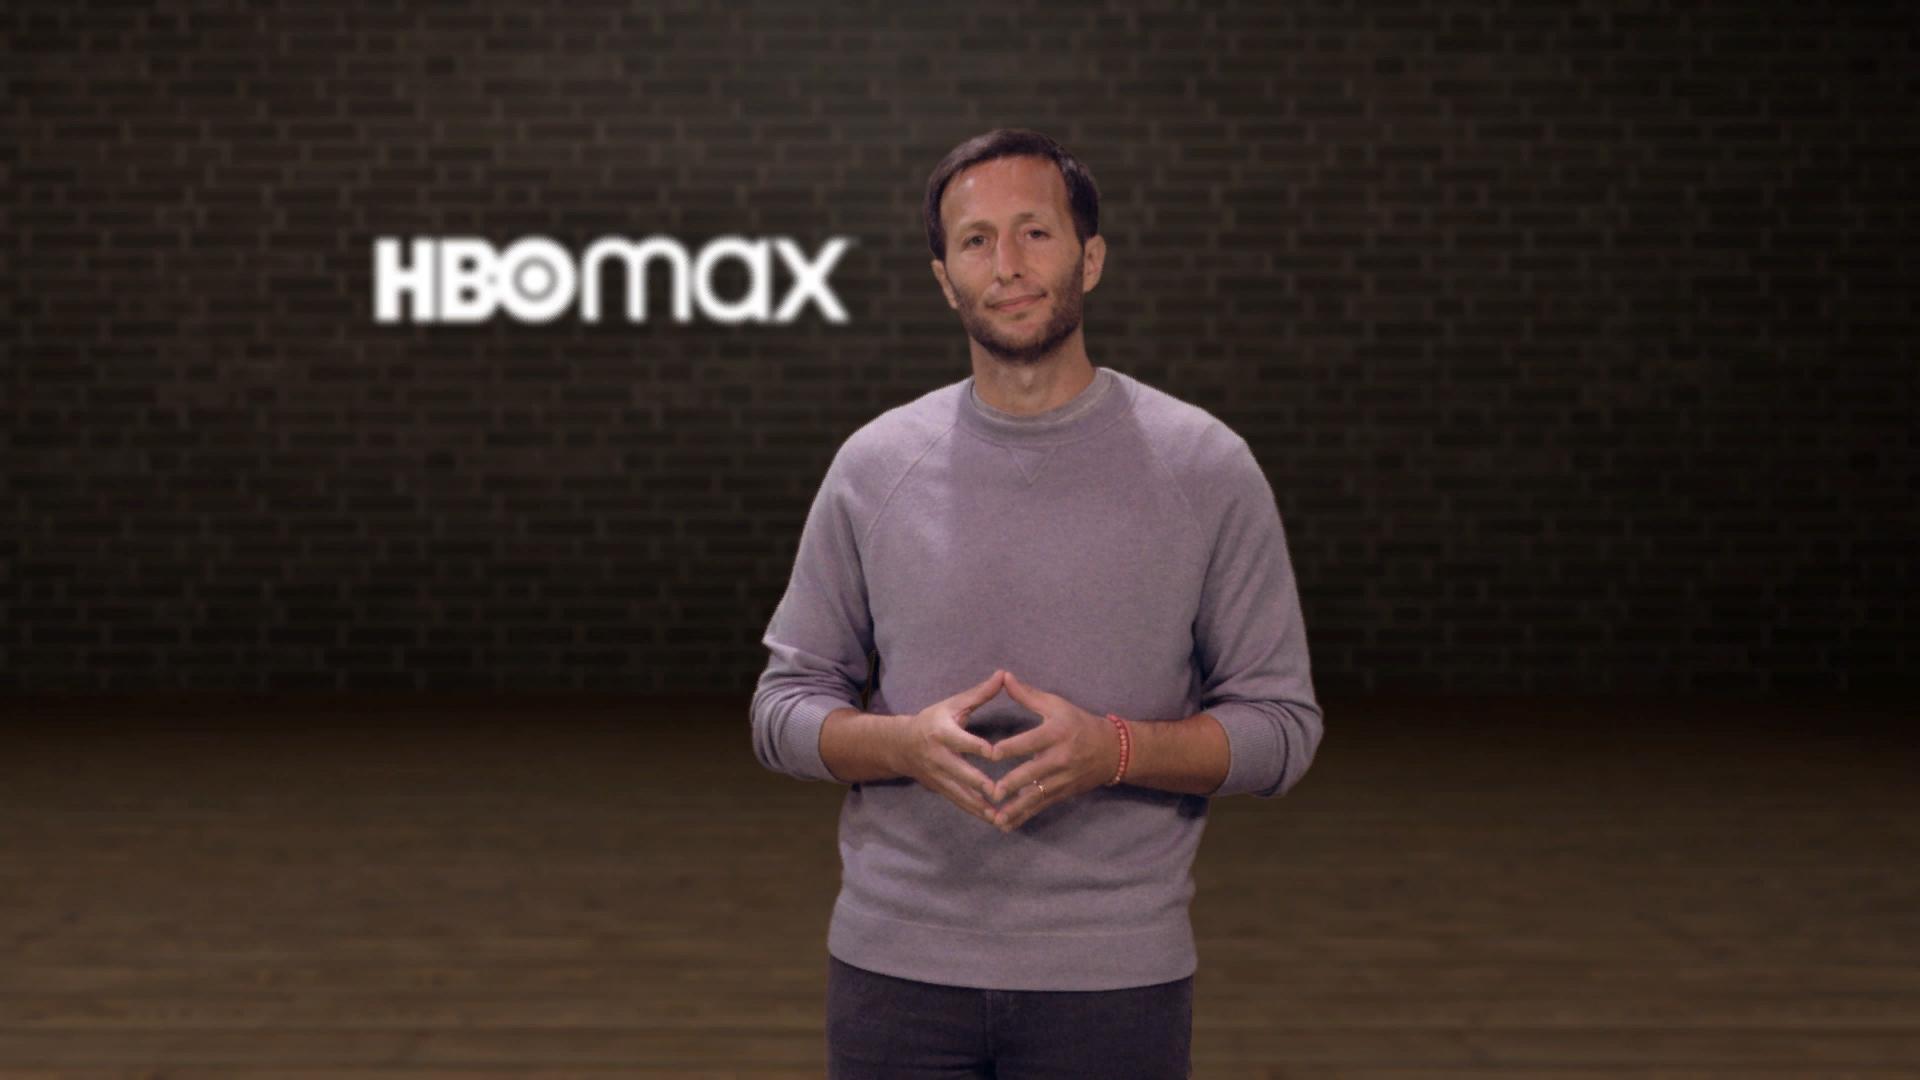 Warner Media anuncia que HBO MAX estará disponible en 39 territorios en América Latina y El Caribe a partir del 29 de junio